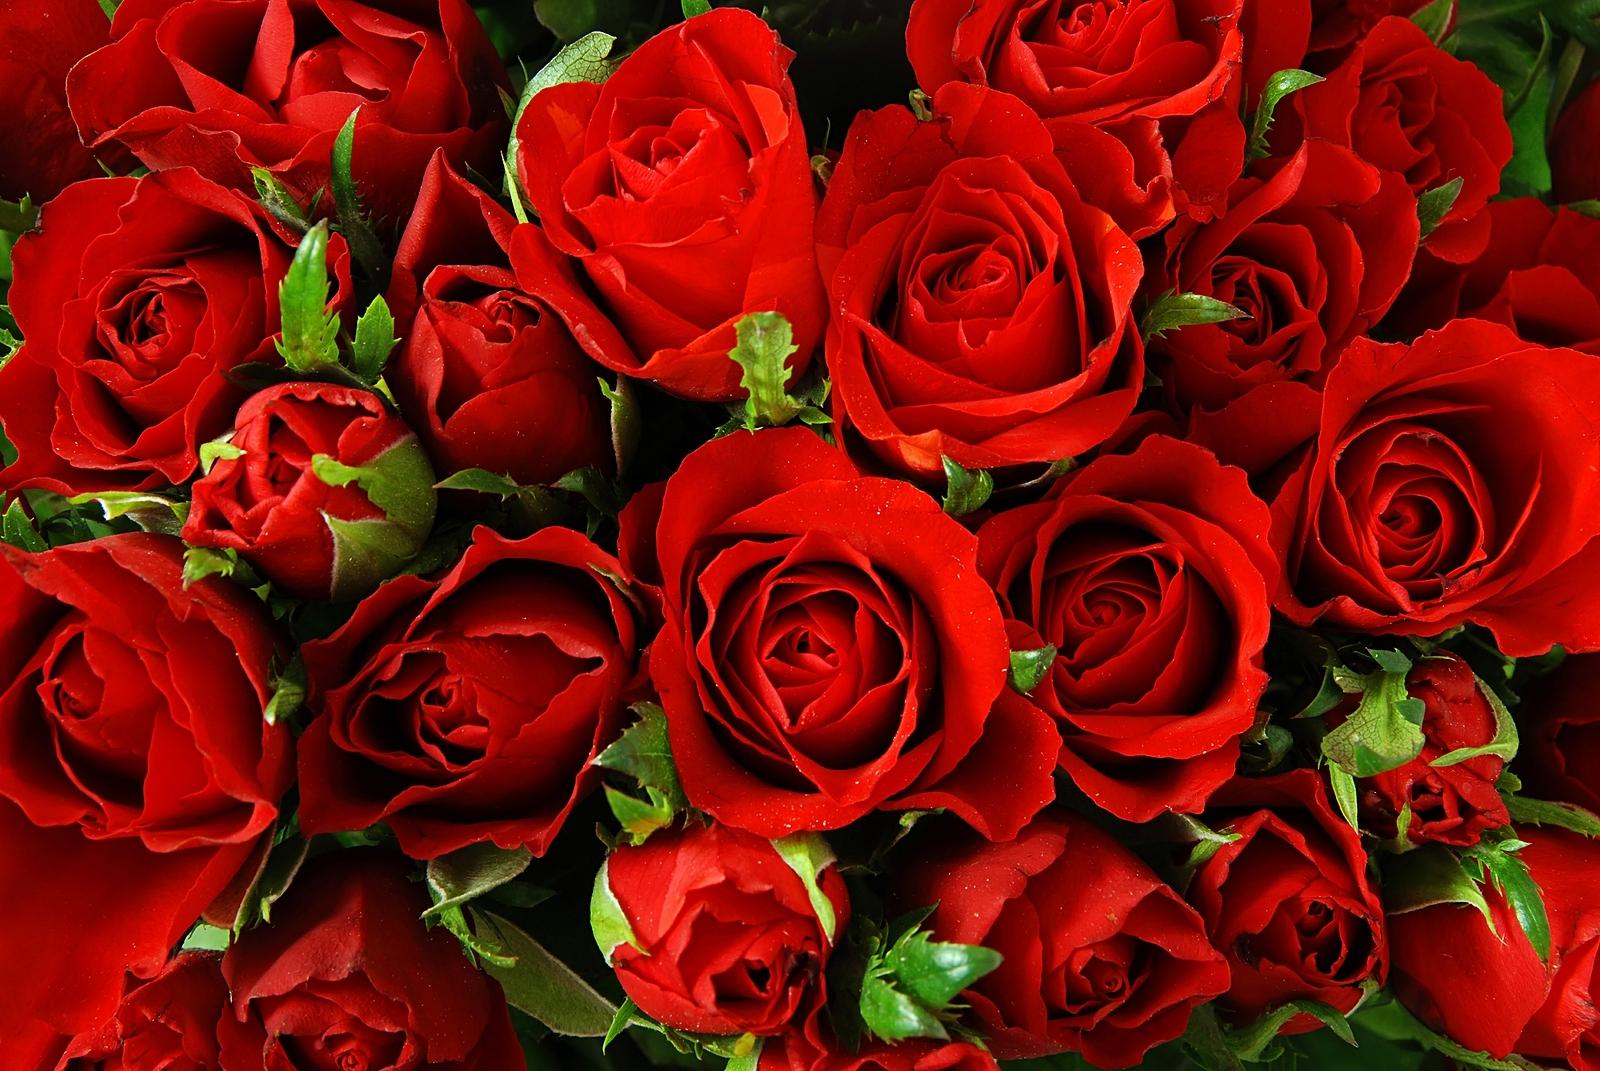 knumathise: red roses tumblr background images